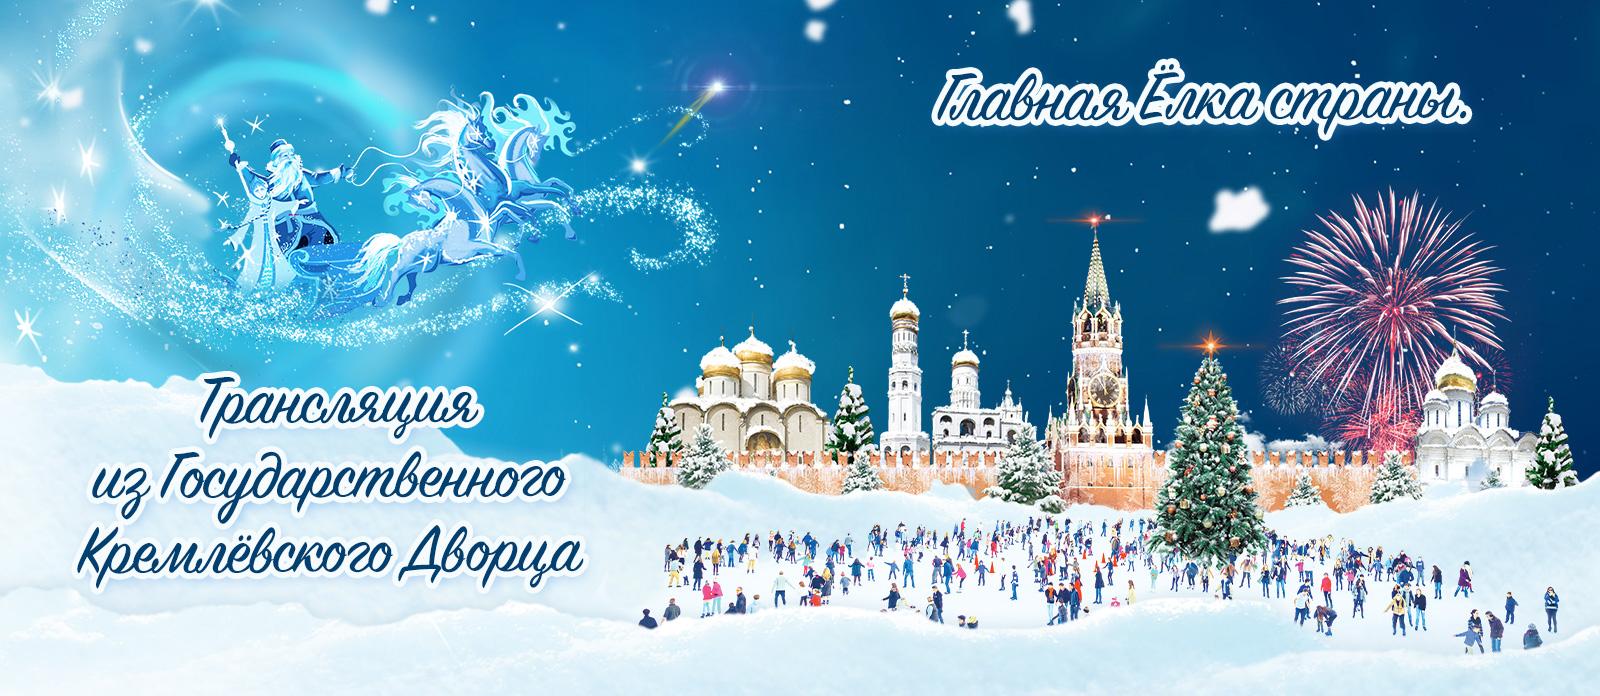 Главная Ёлка страны. Трансляция из Государственного Кремлёвского Дворца